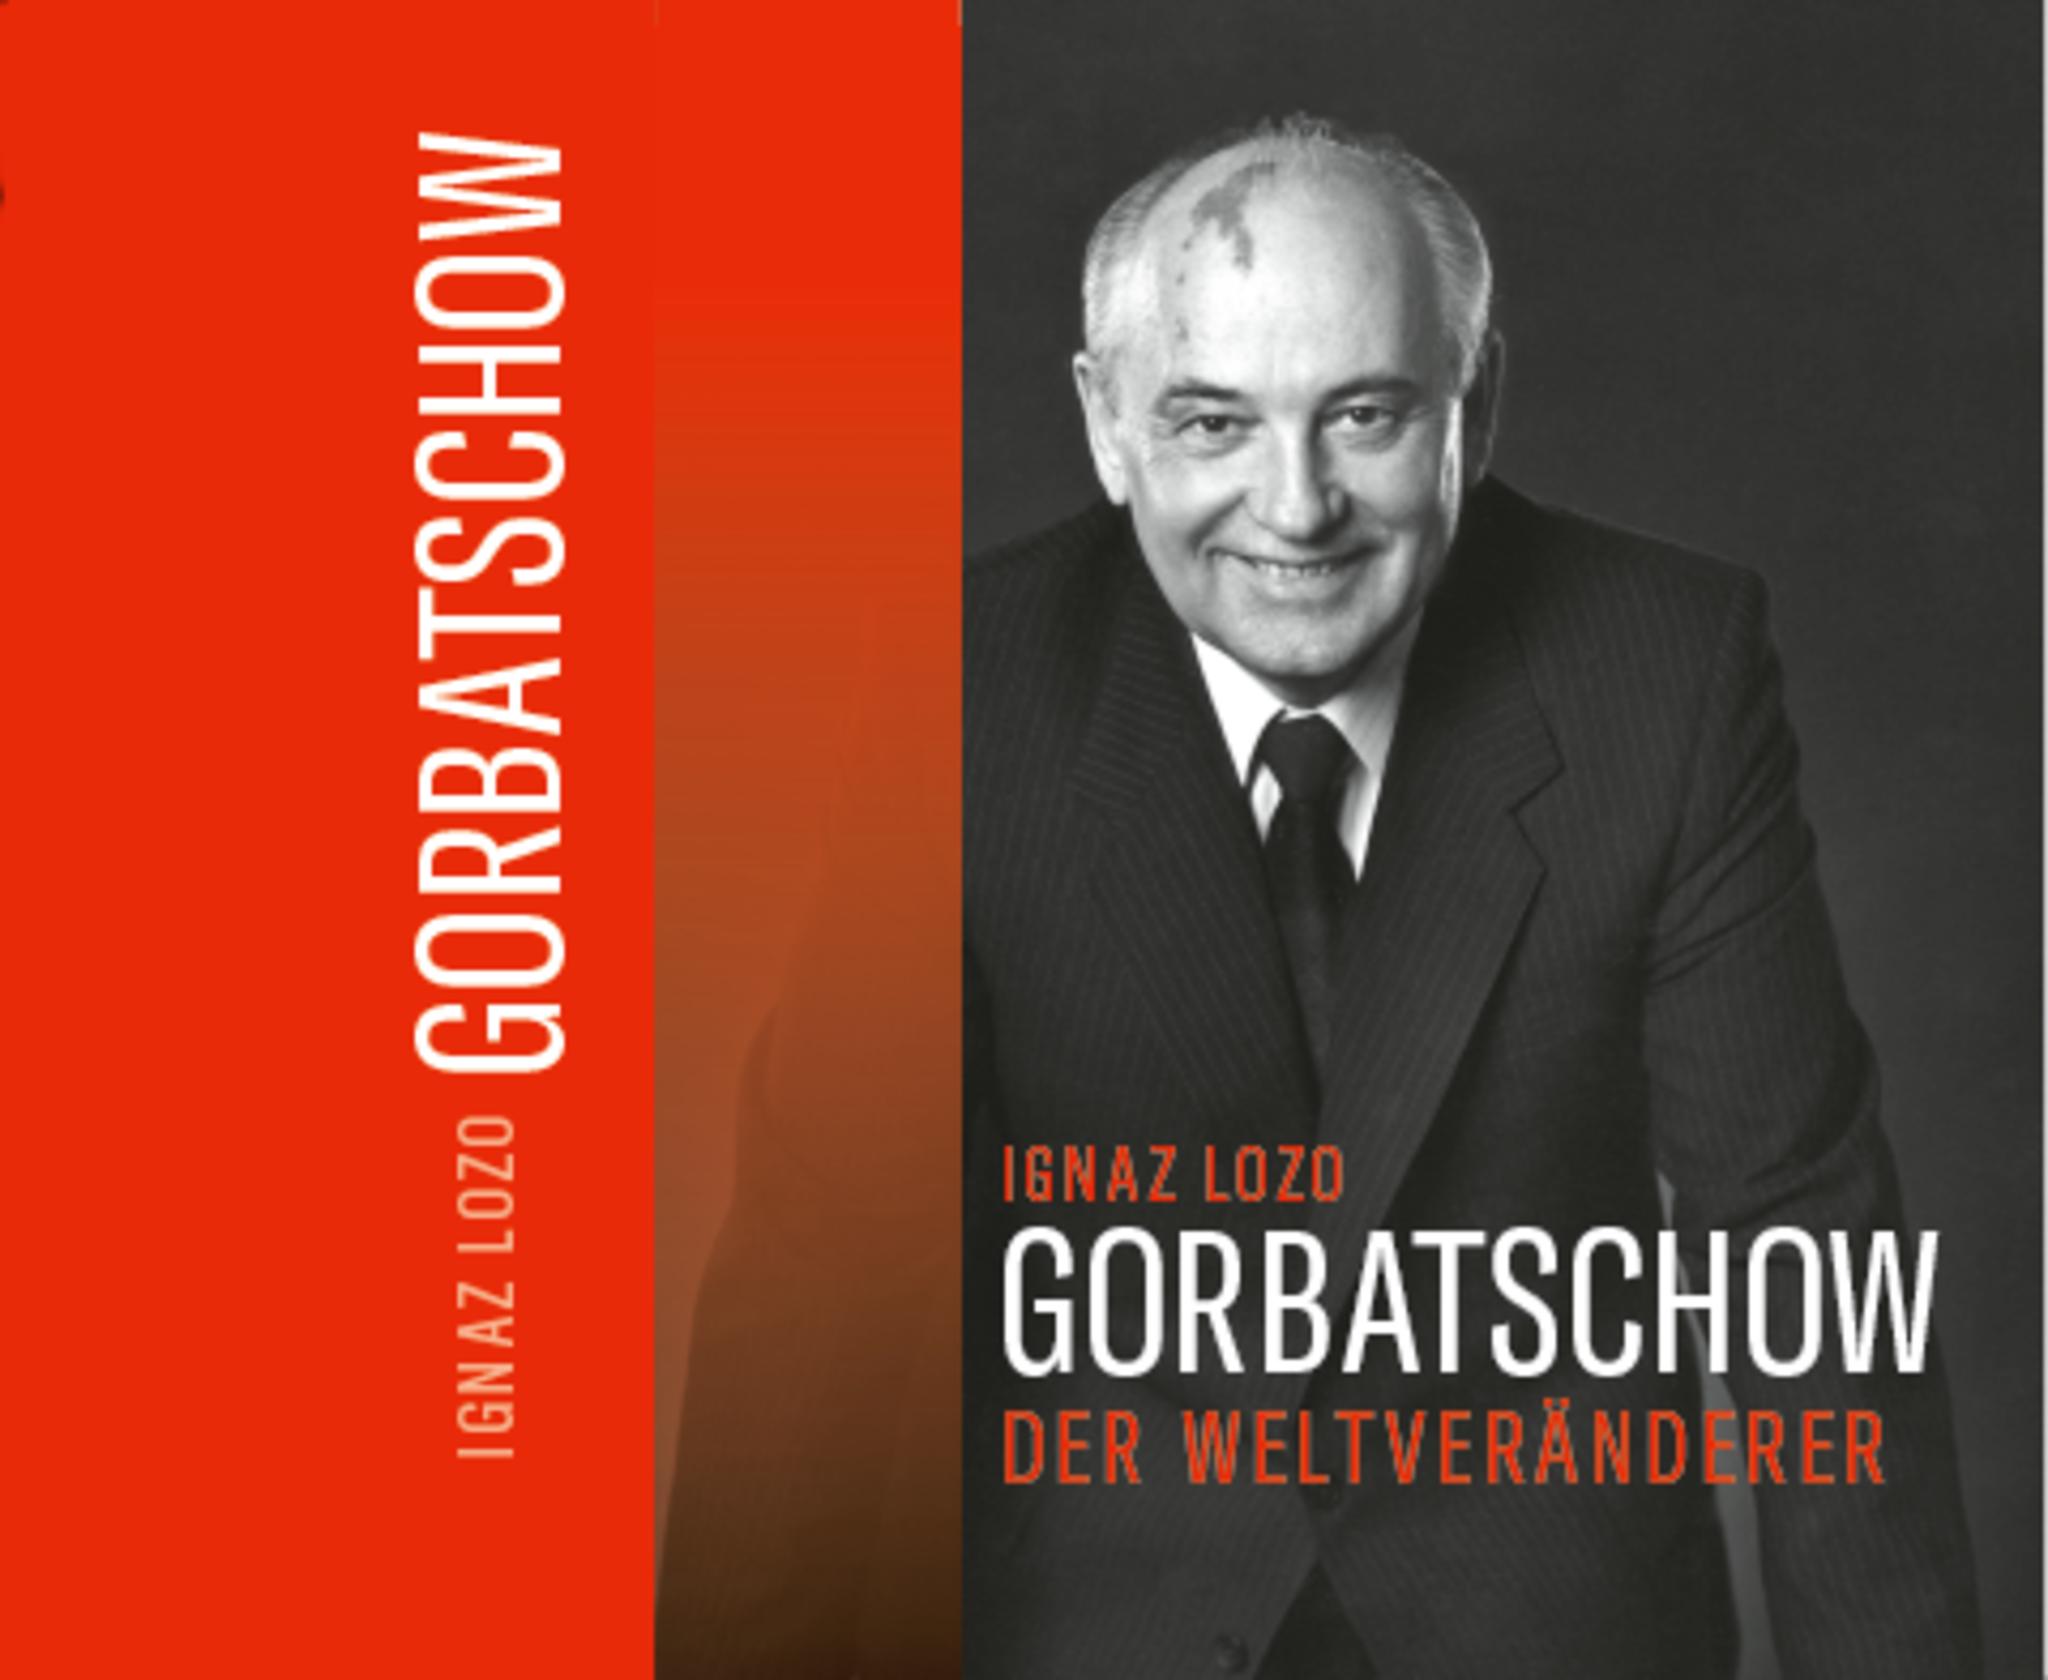 Ignaz-Lozo-hat-ein-Buch-ber-Michail-Gorbatschow-geschrieben